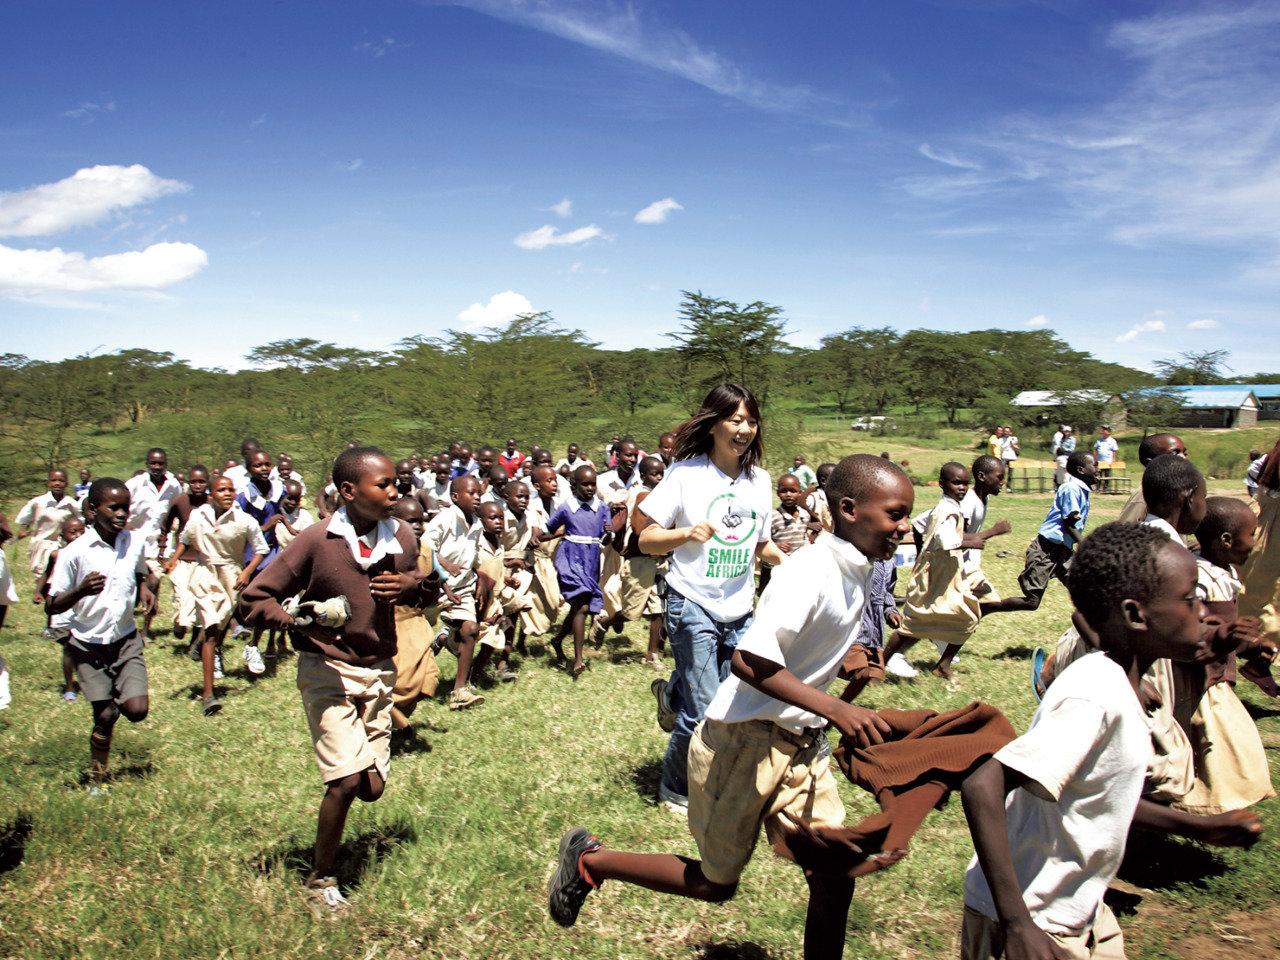 日本からのシューズがアフリカの子どもたちに贈った、走る楽しさ、未来への夢や希望。